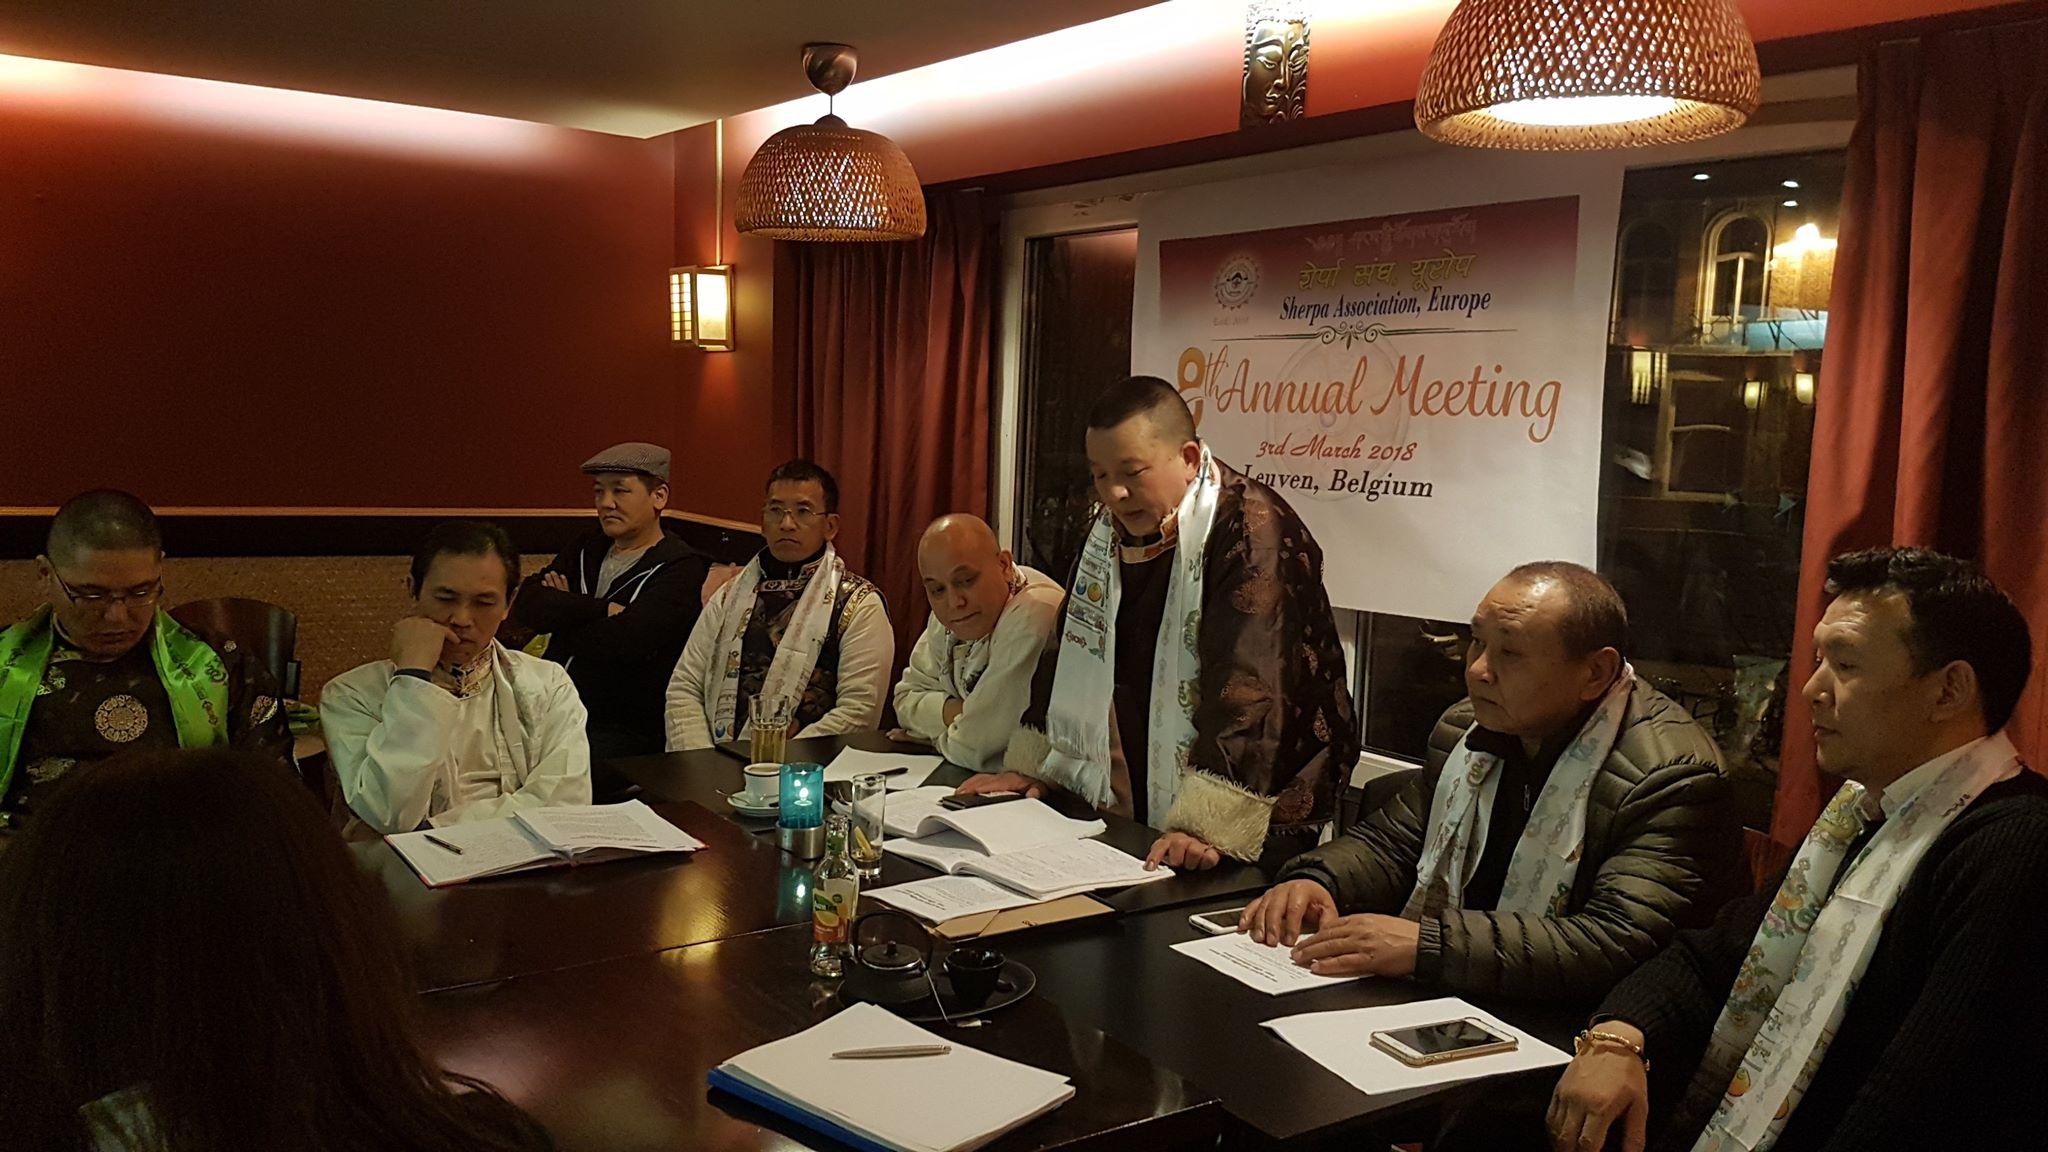 शेर्पा संघ यूरोपको आठौं प्रत्यक्ष बैठक सम्पन्न